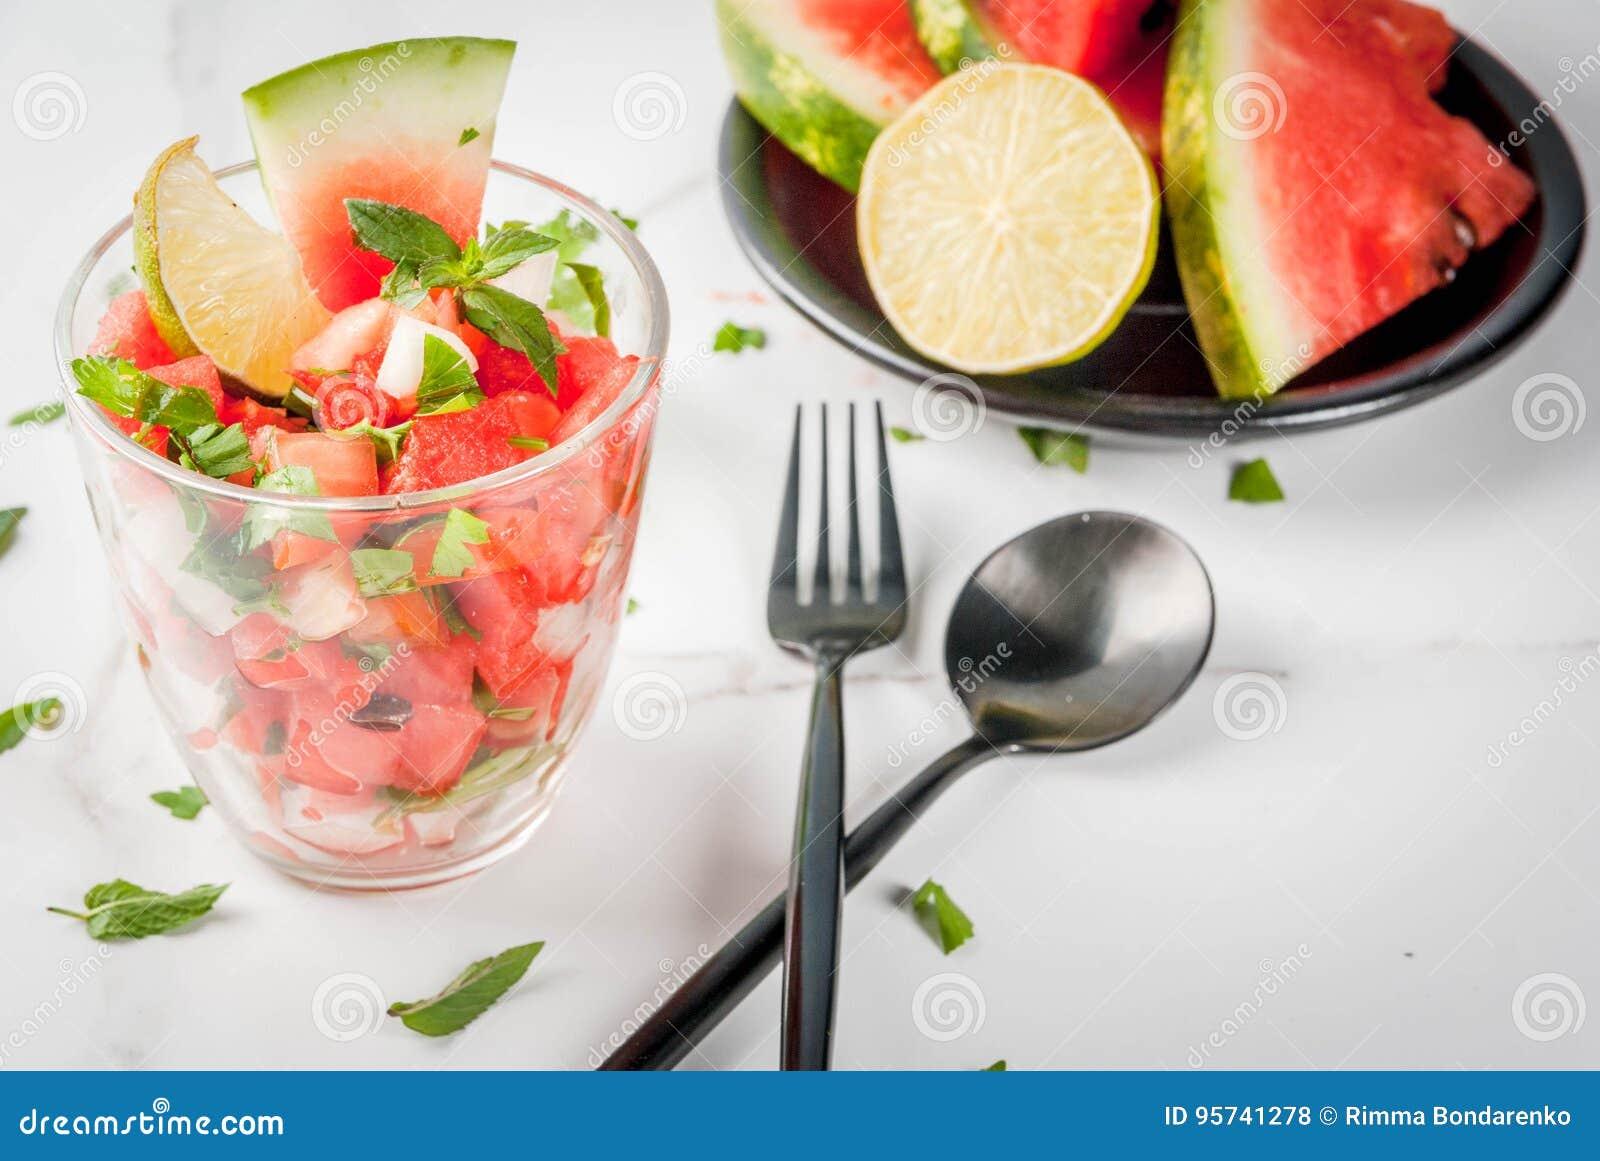 Mexican watermelon salsa